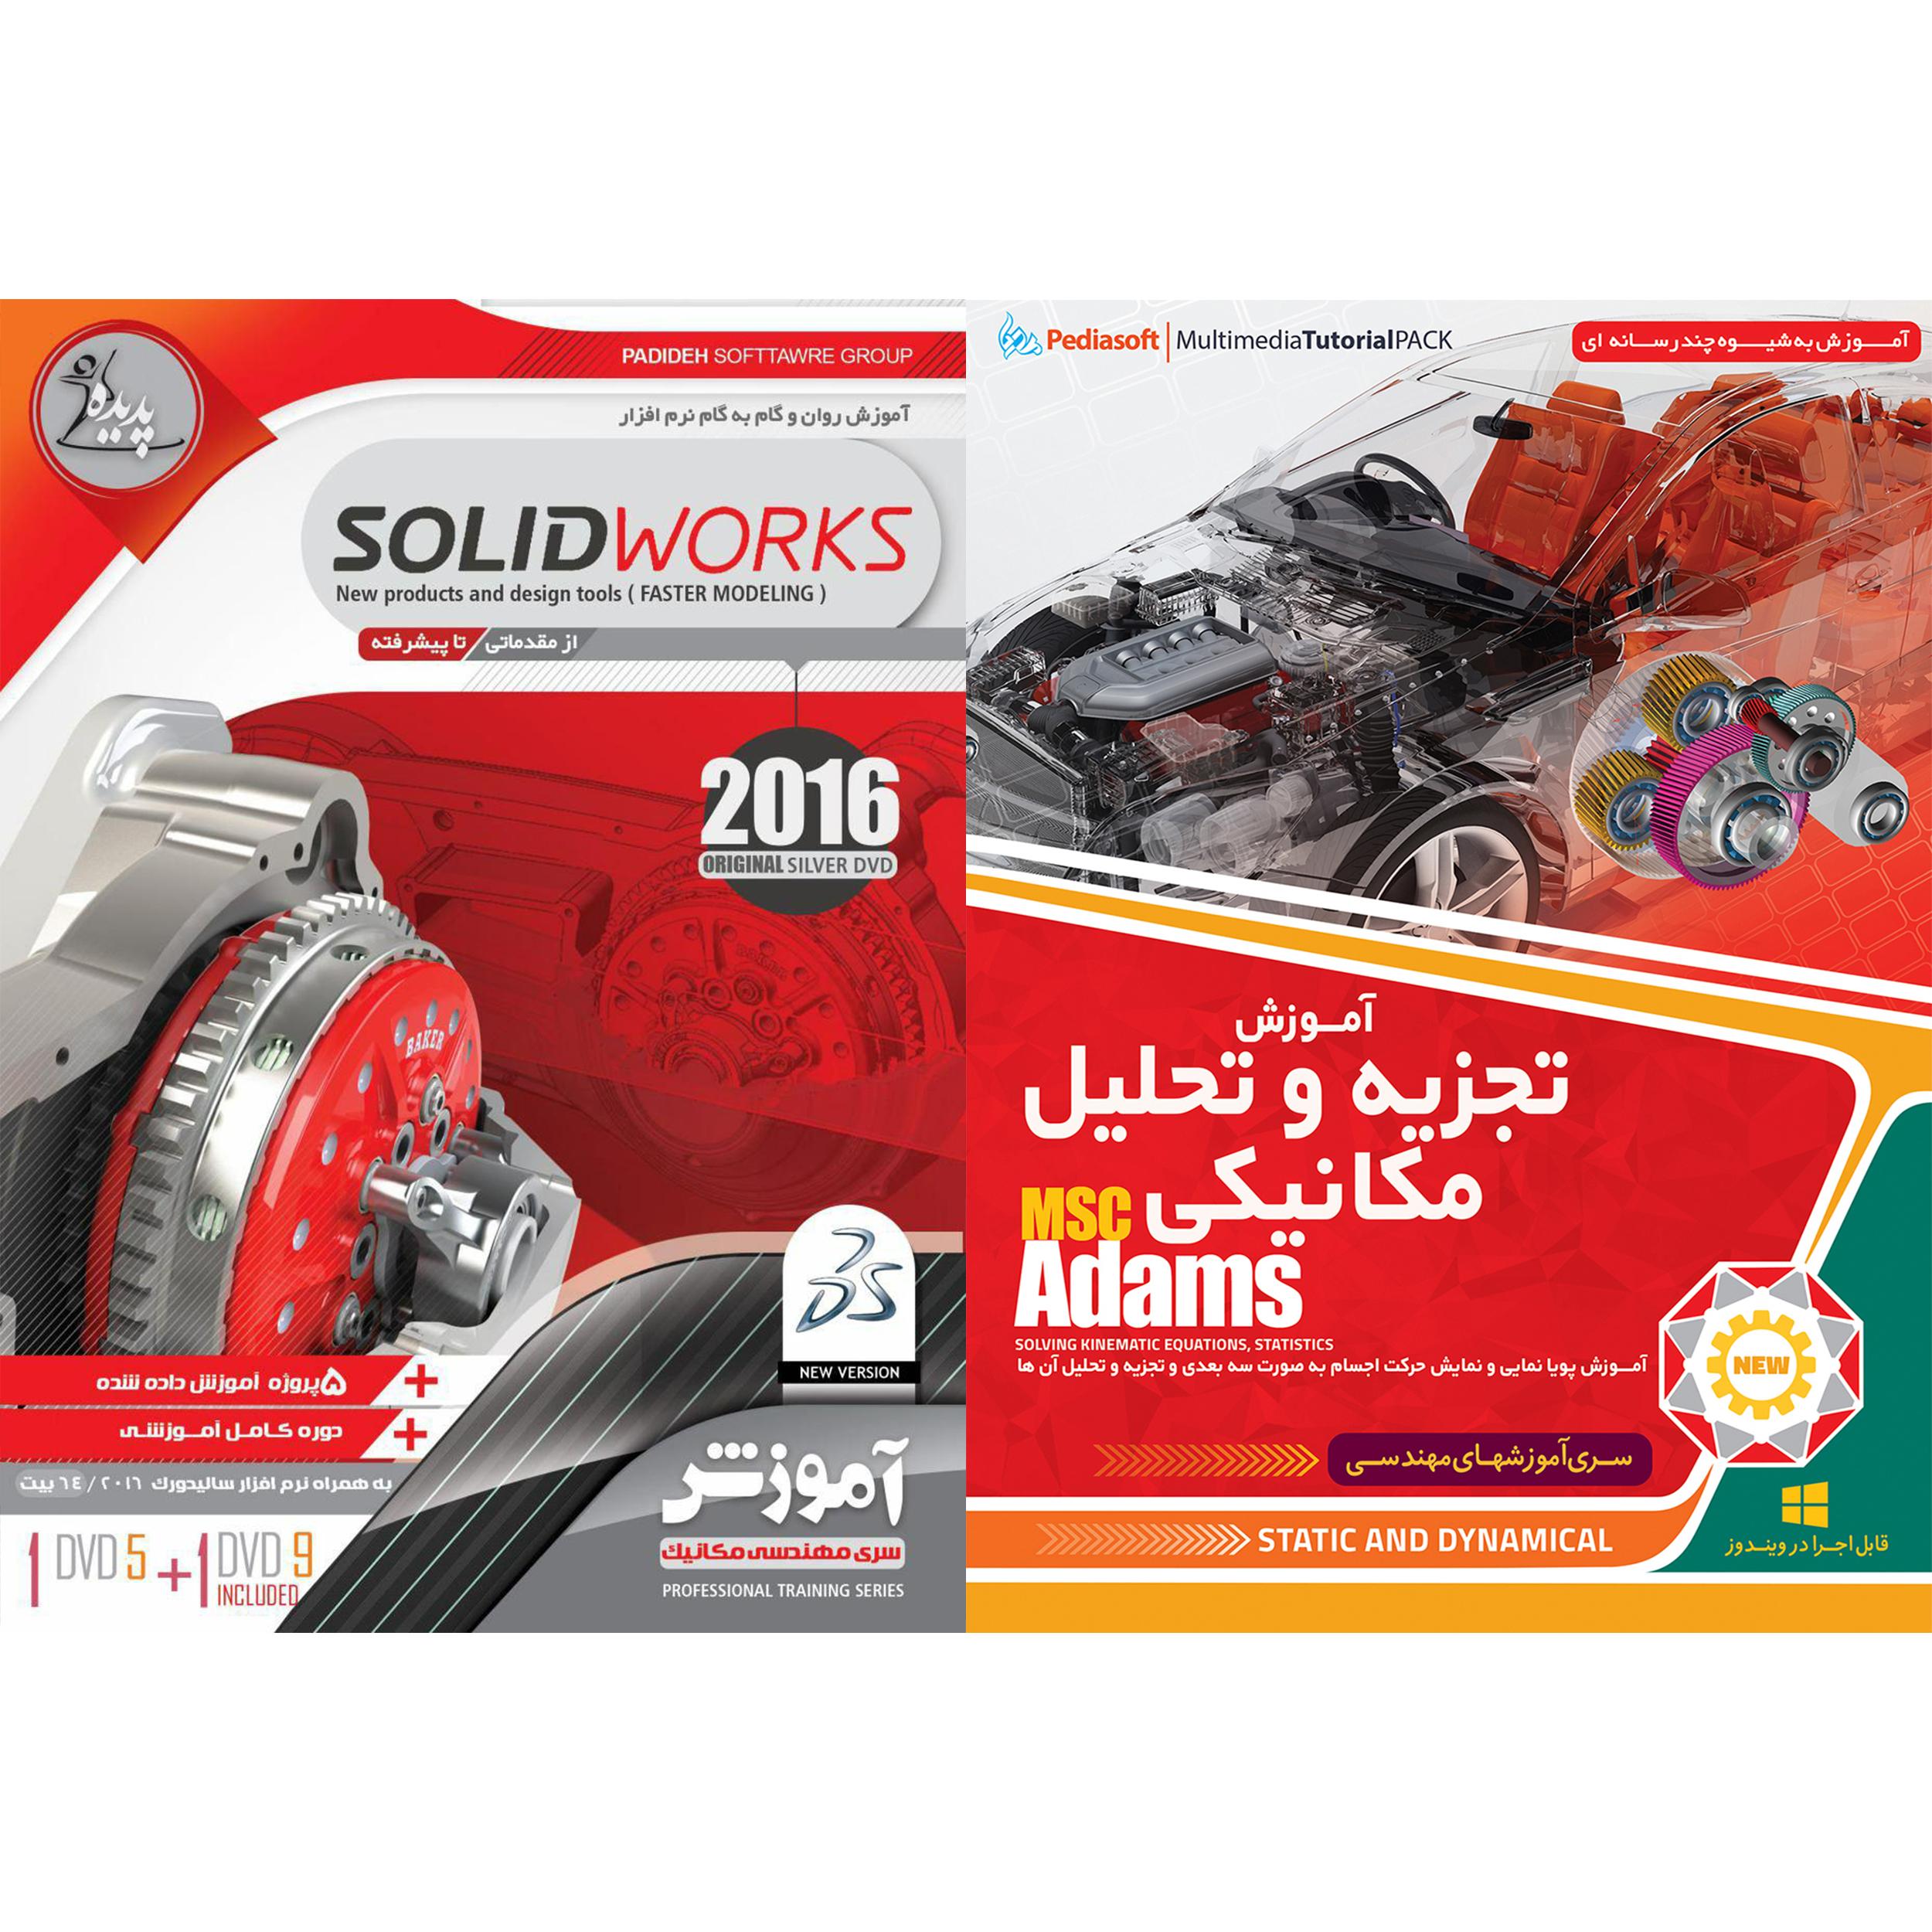 نرم افزار آموزش تجزیه و تحلیل مکانیکی MSC ADAMS نشر پدیا سافت به همراه نرم افزار آموزش SOLID WORKSنشر پدیده